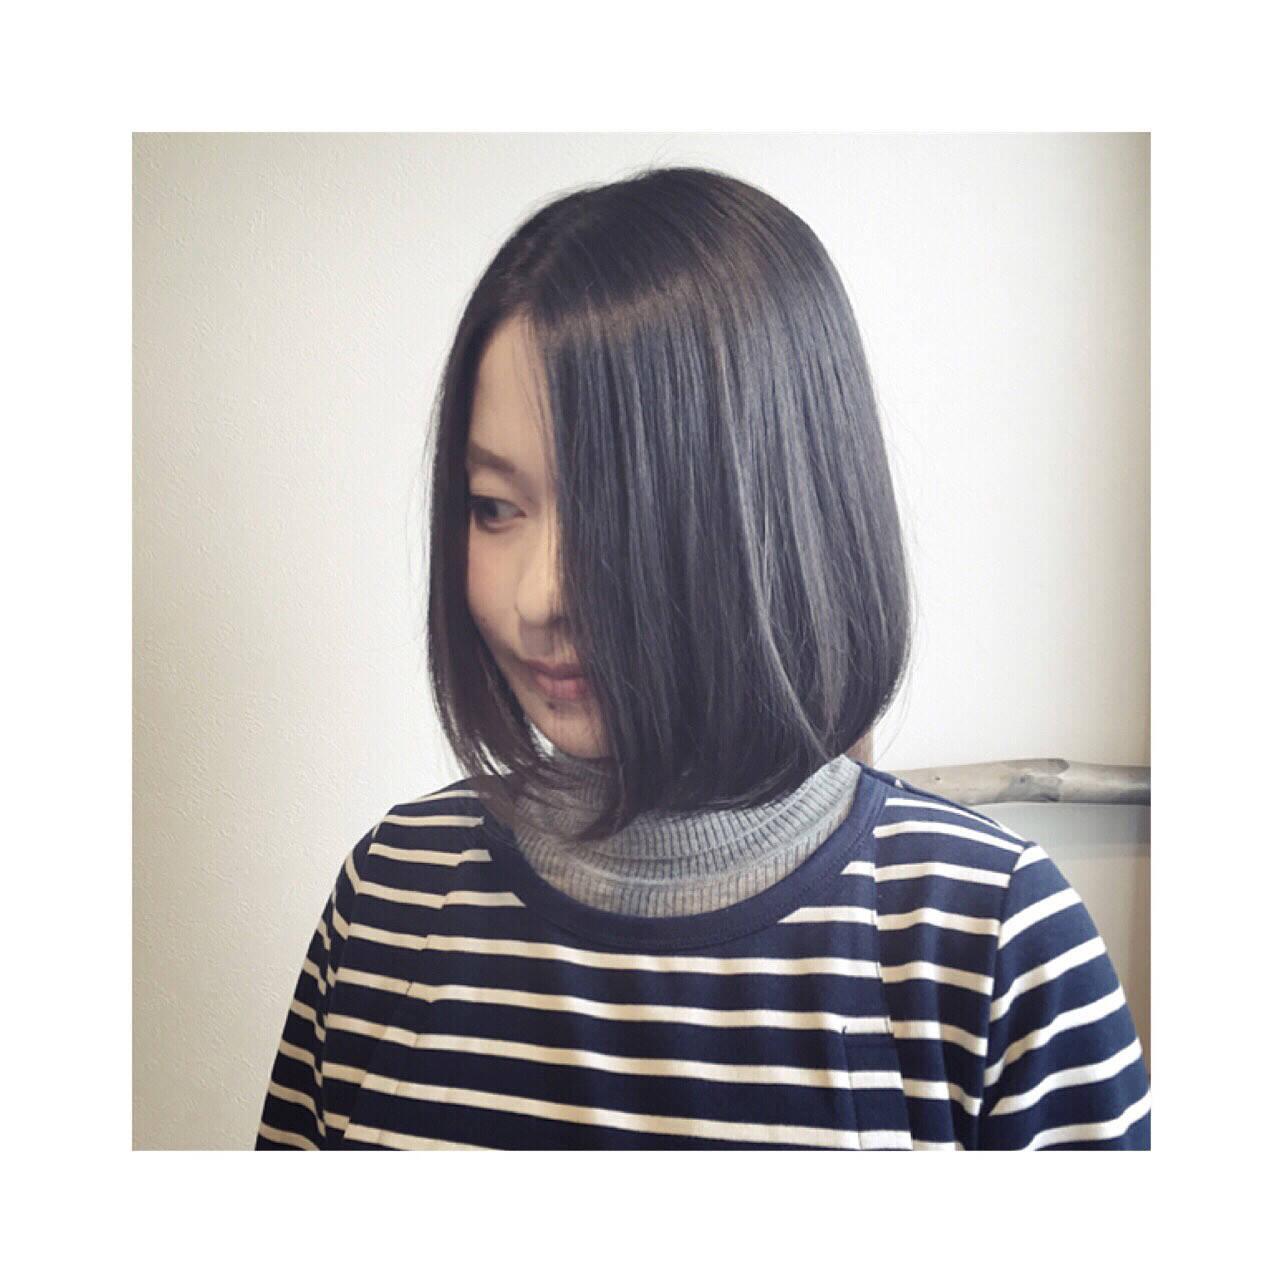 大人女子 ナチュラル 内巻き 黒髪ヘアスタイルや髪型の写真・画像